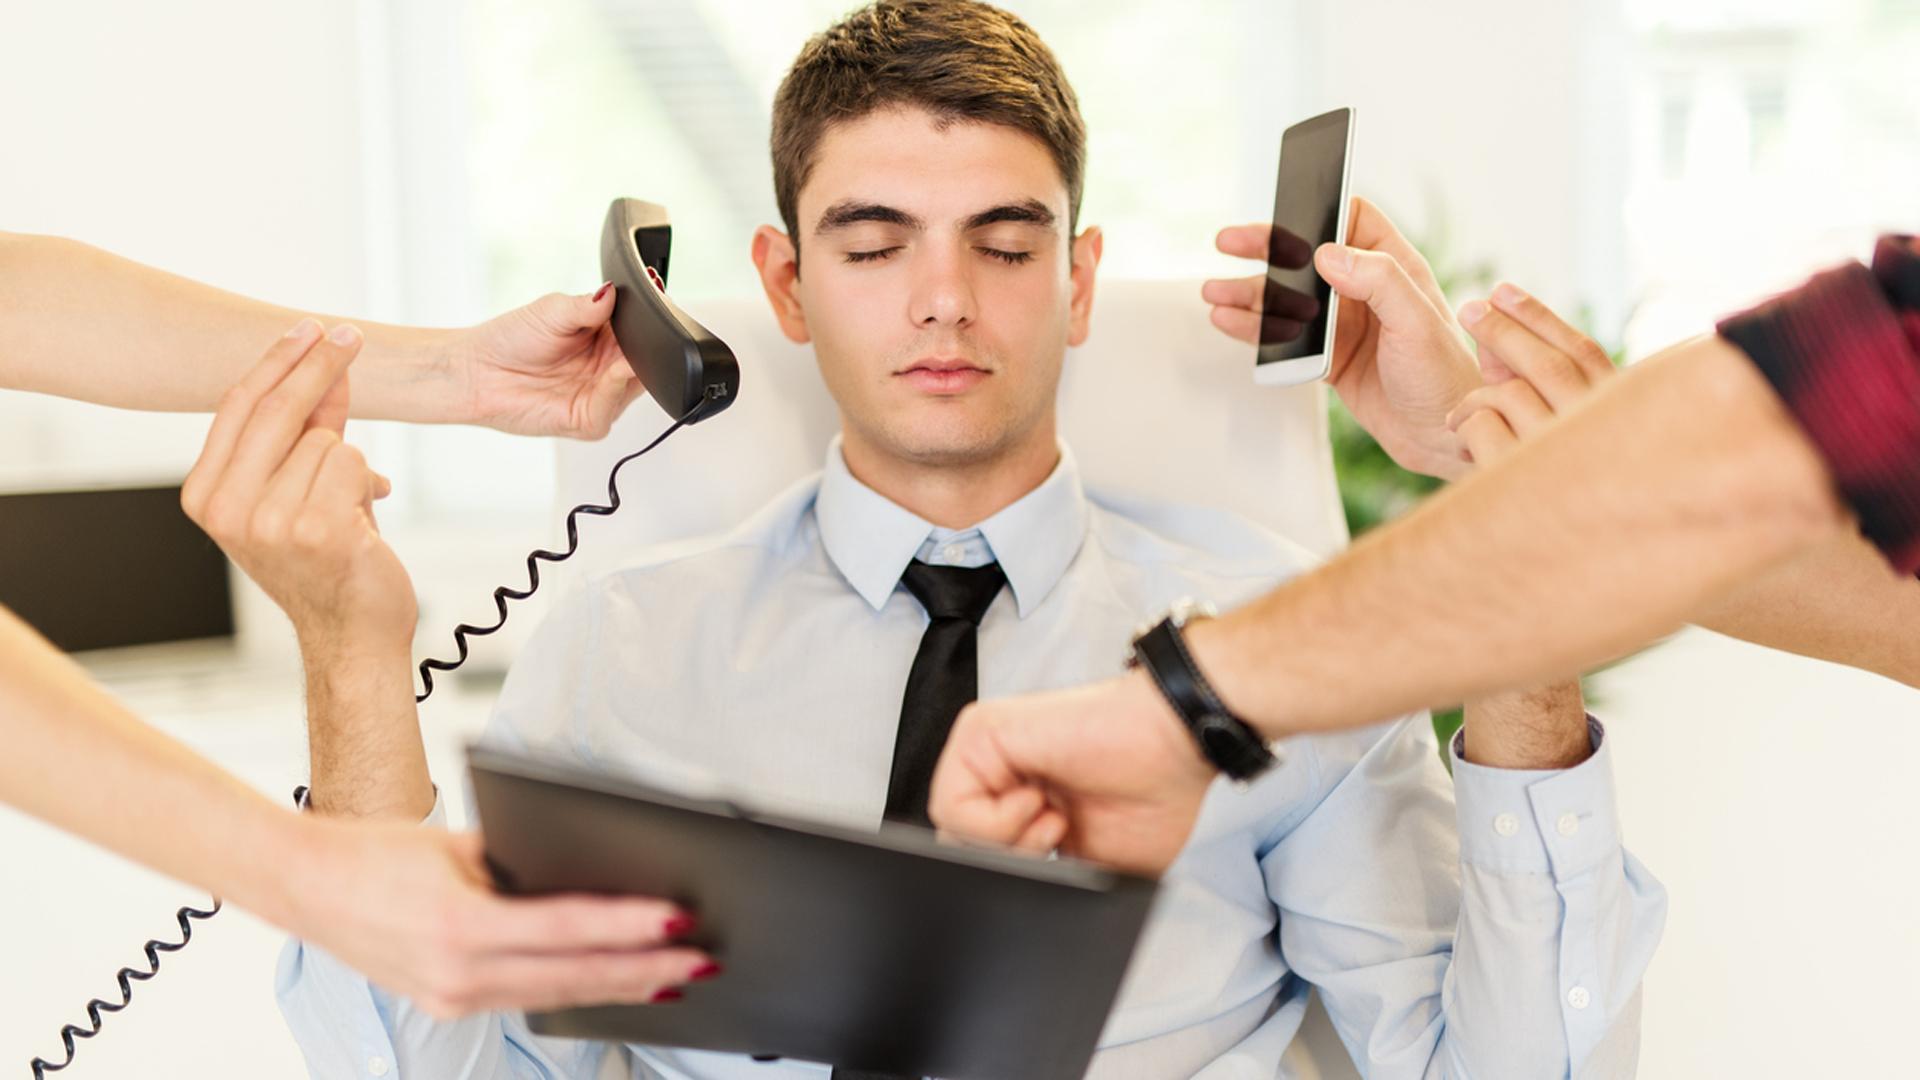 El trabajo debe ser también un espacio para el equilibrio mental (Istock)